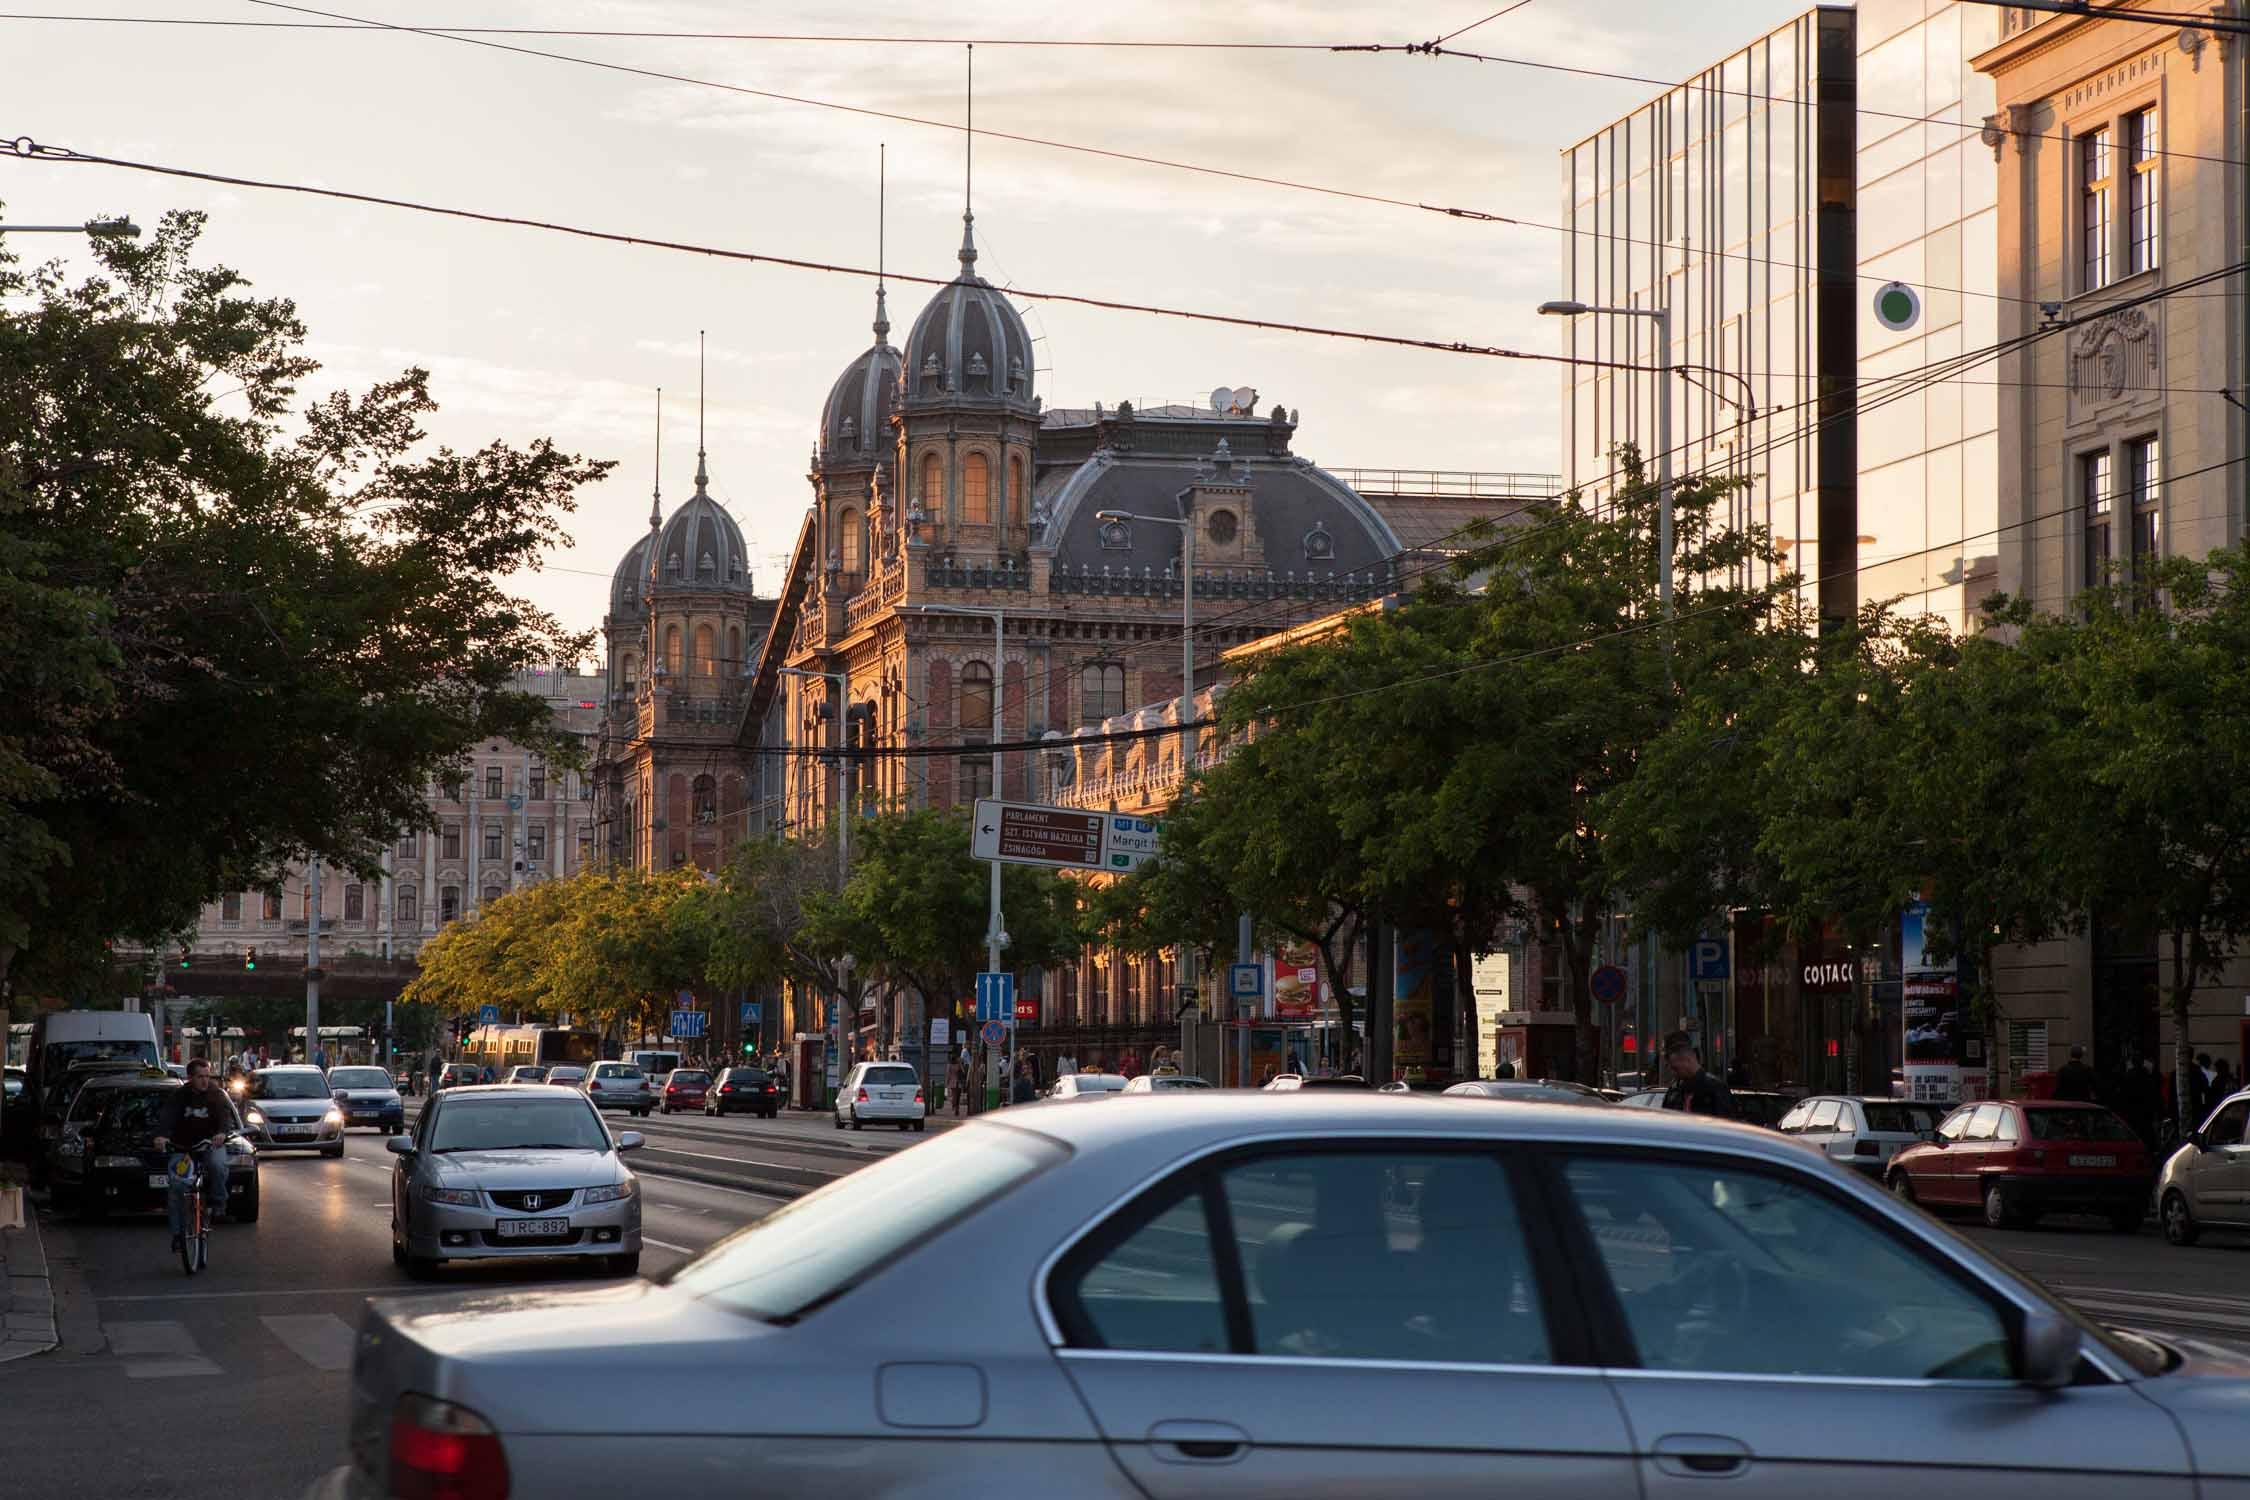 budapest nyugati pu westbahnhof straße bäume ungarn bahnhof reisen auto außenansicht sonnenuntergangzugfahren Jörn Strojny